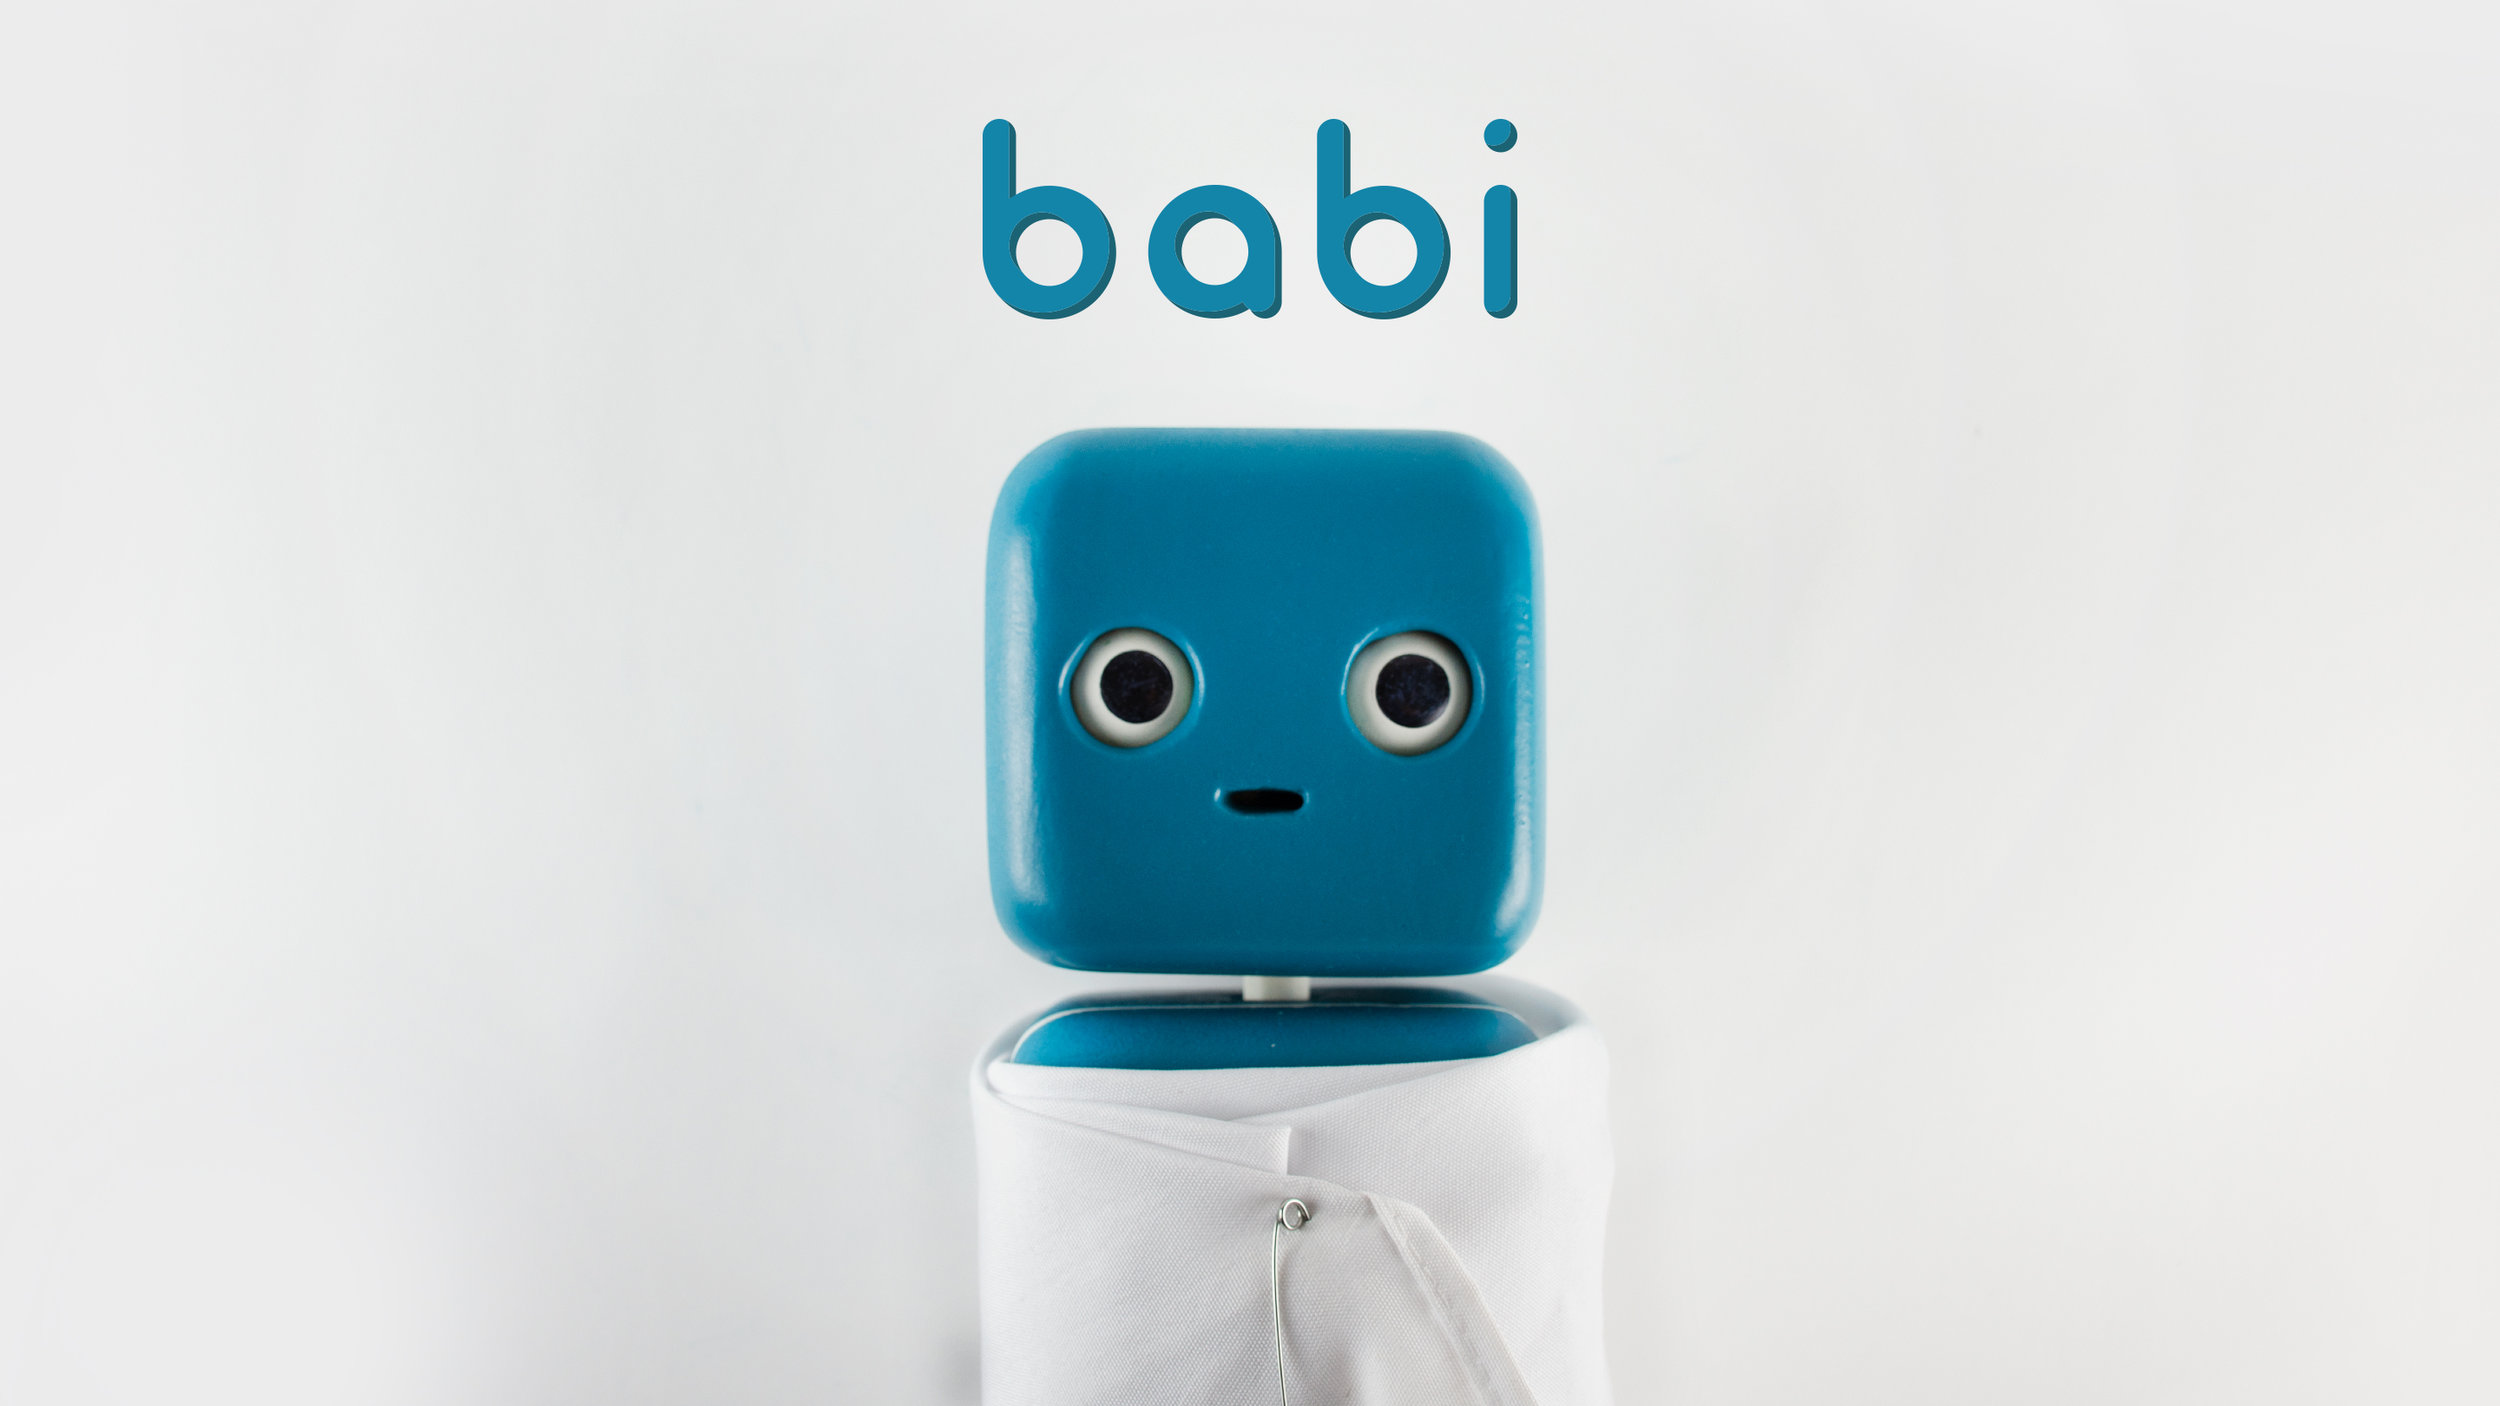 Crum_Babi-hero.jpg